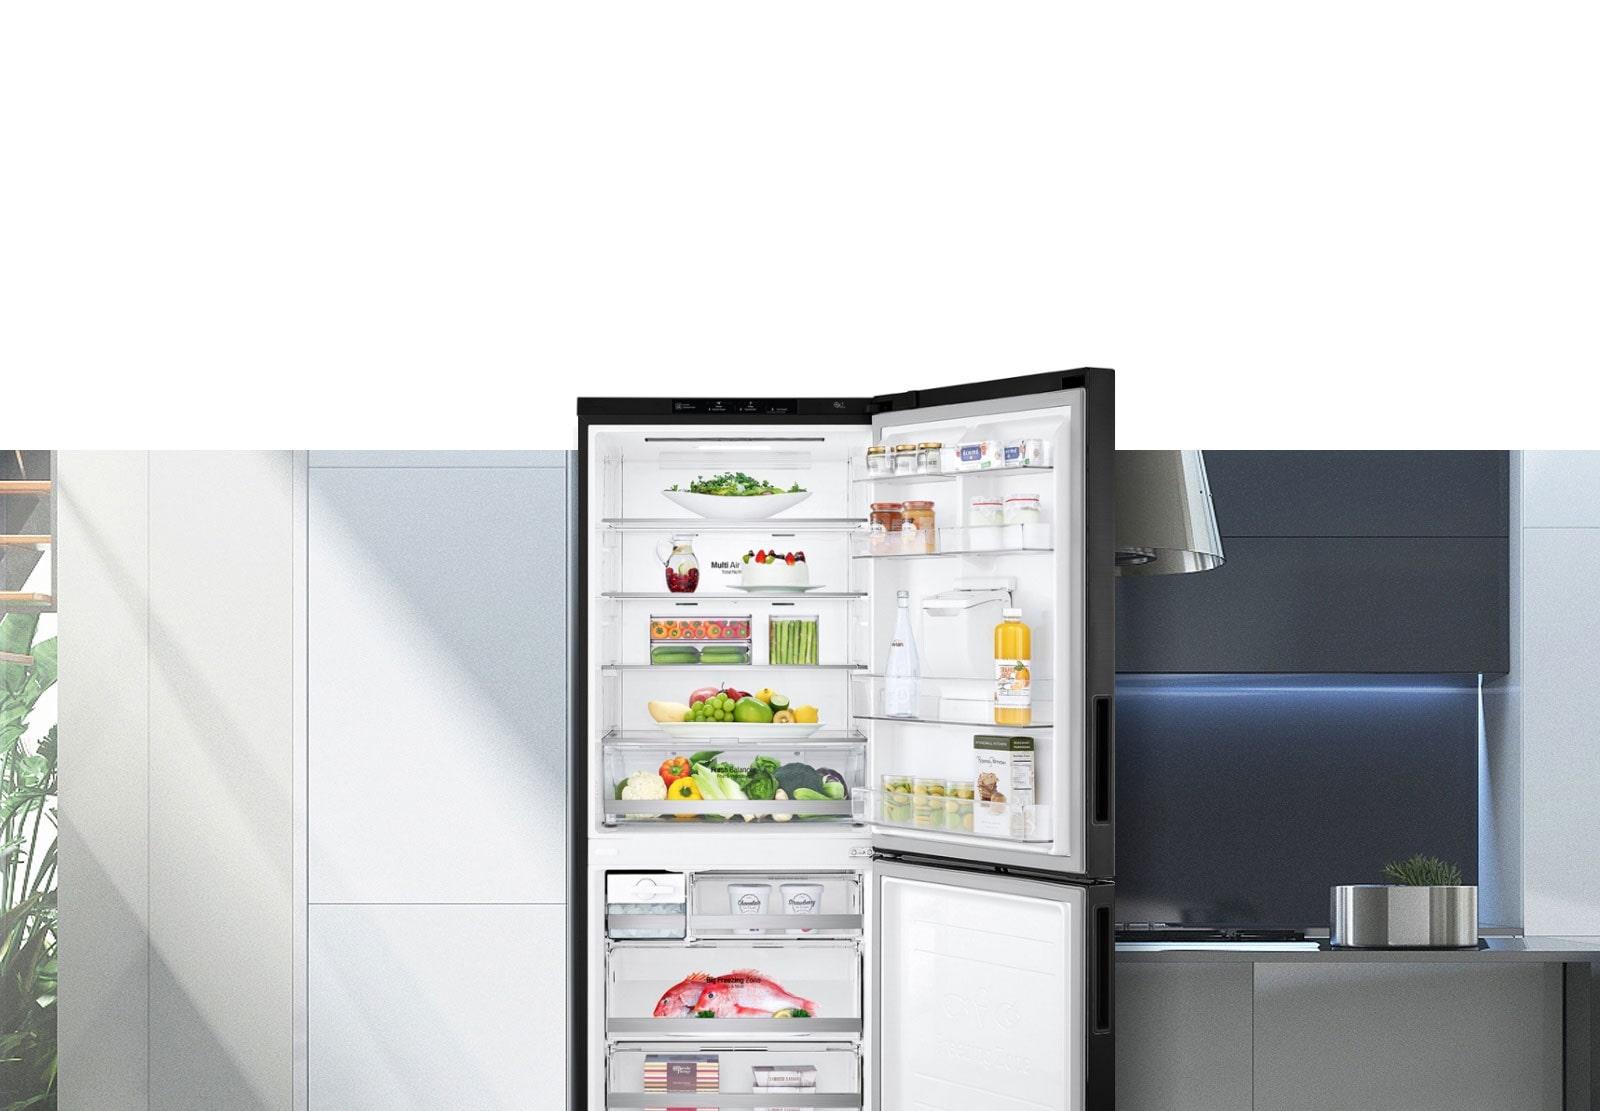 Mang đến sự tiện nghi cho căn bếp của bạn1